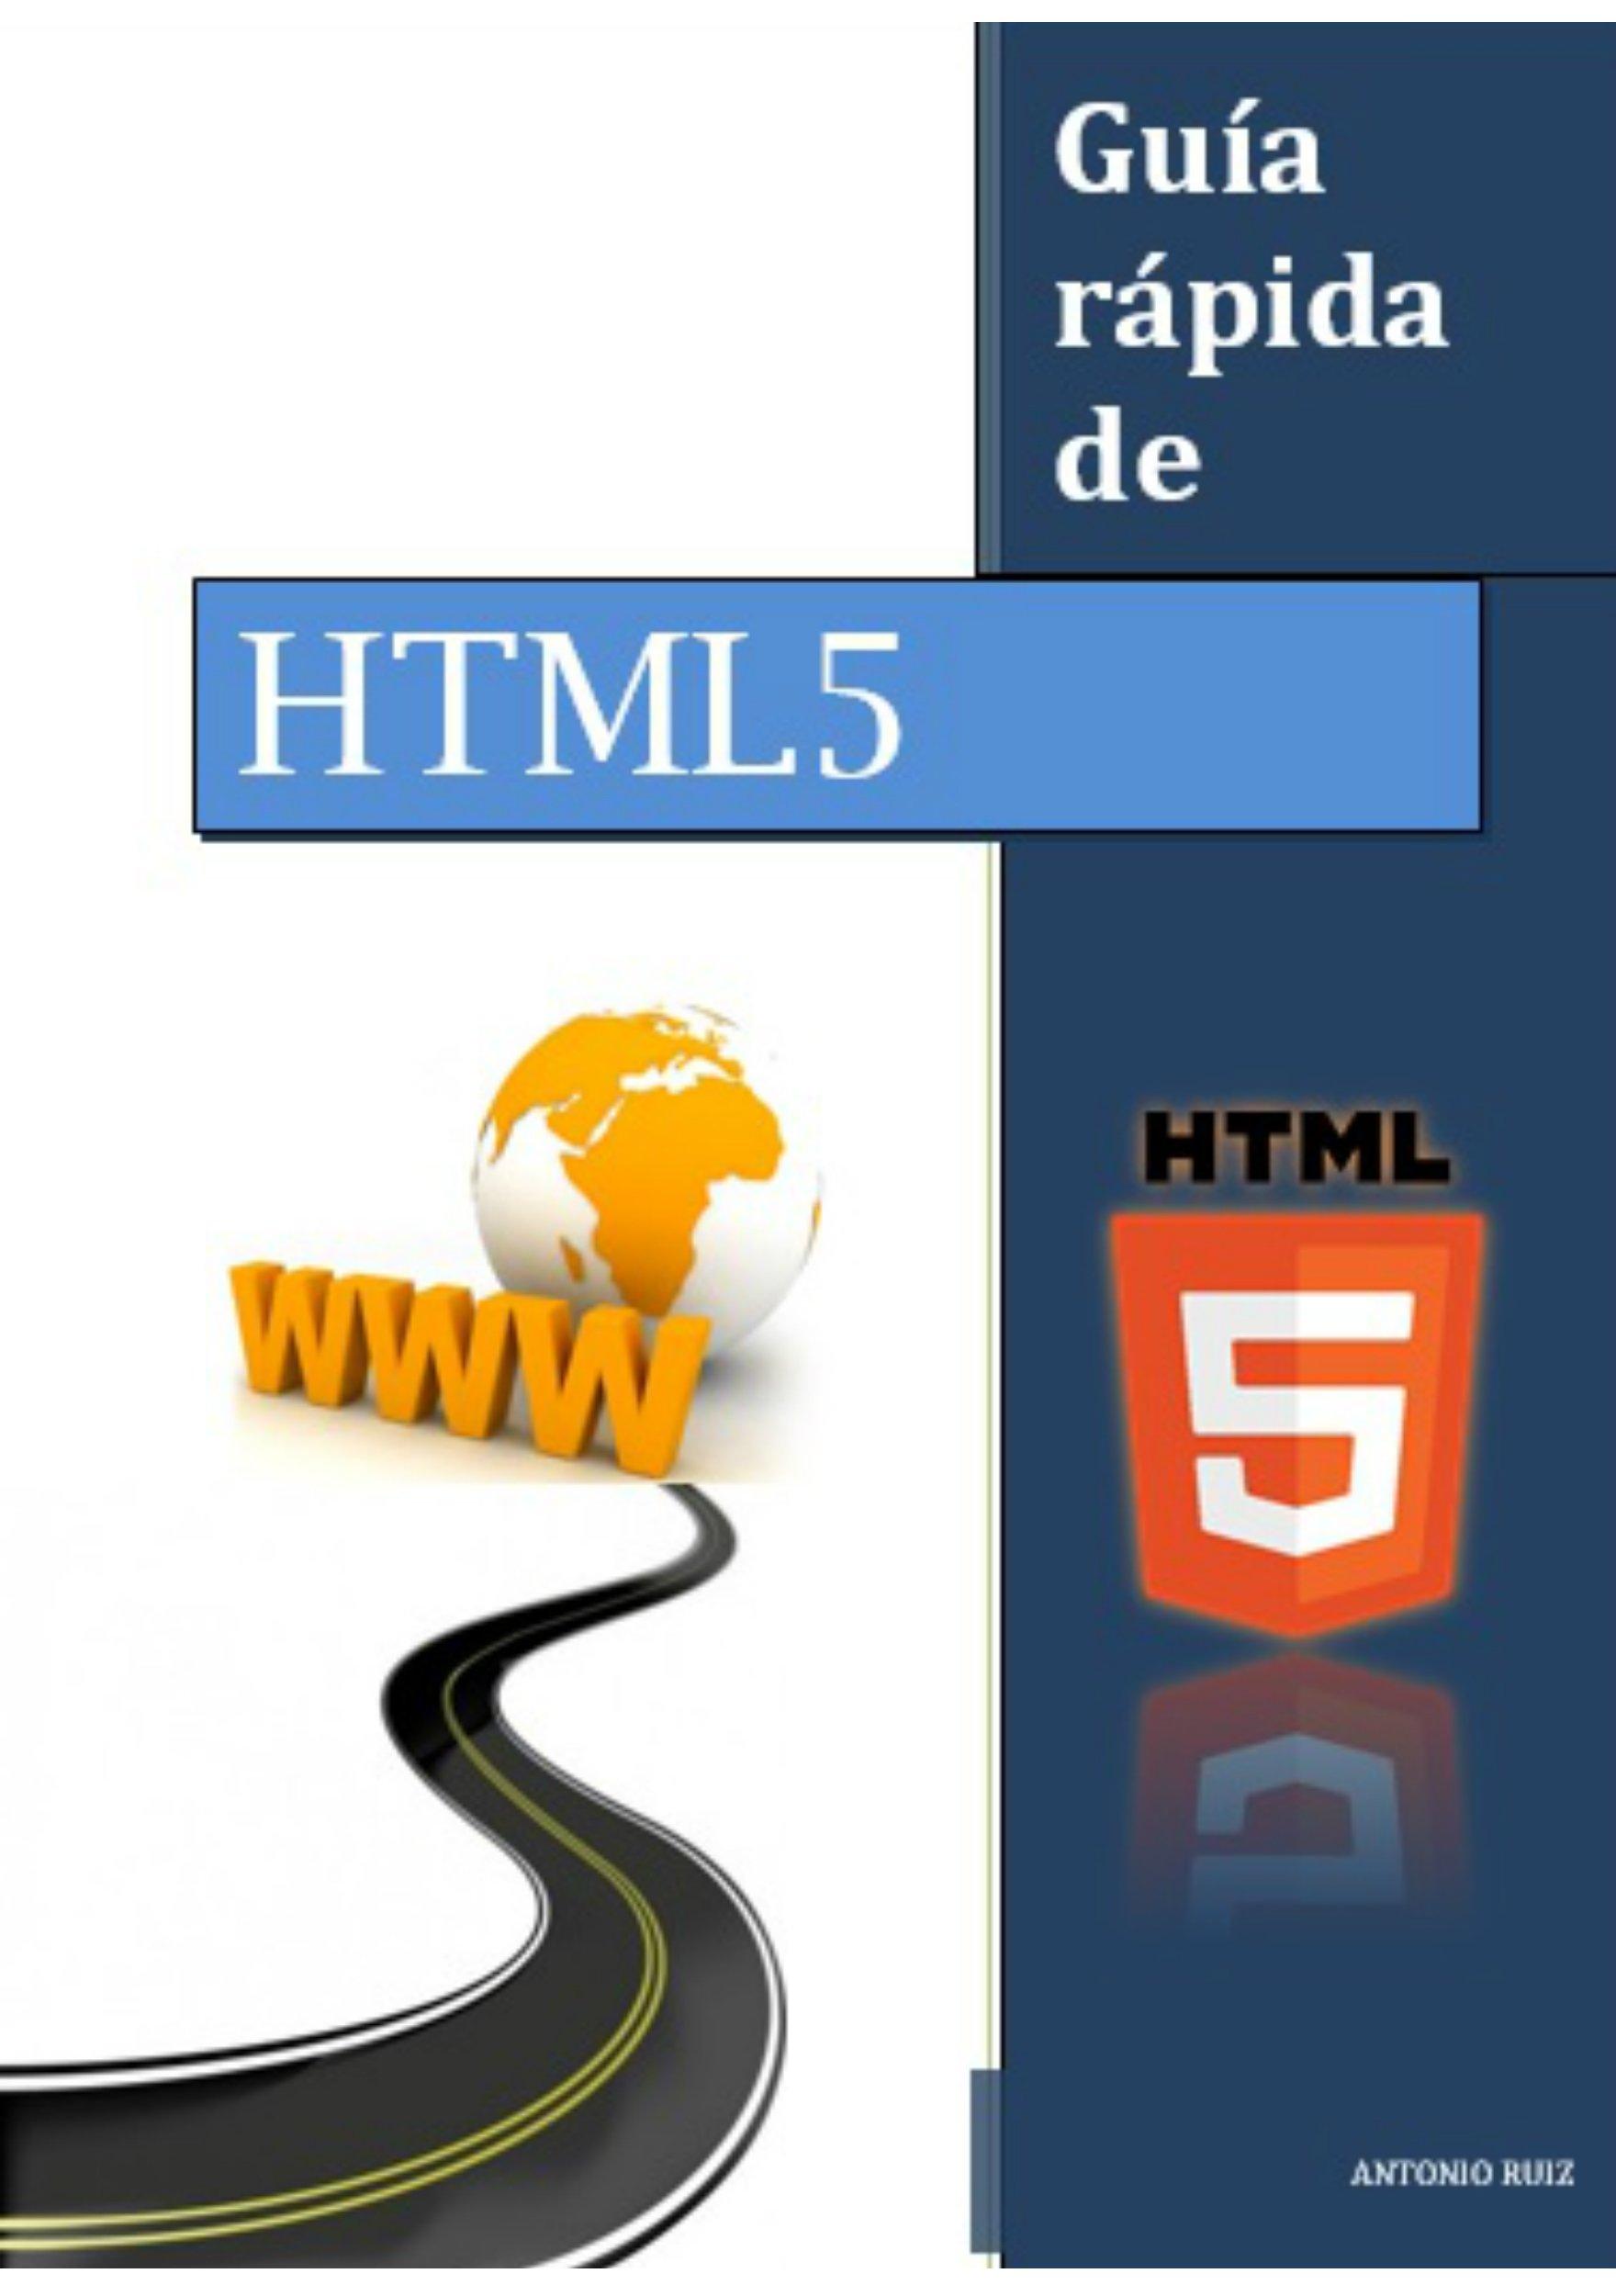 Guía rápida de HTML5